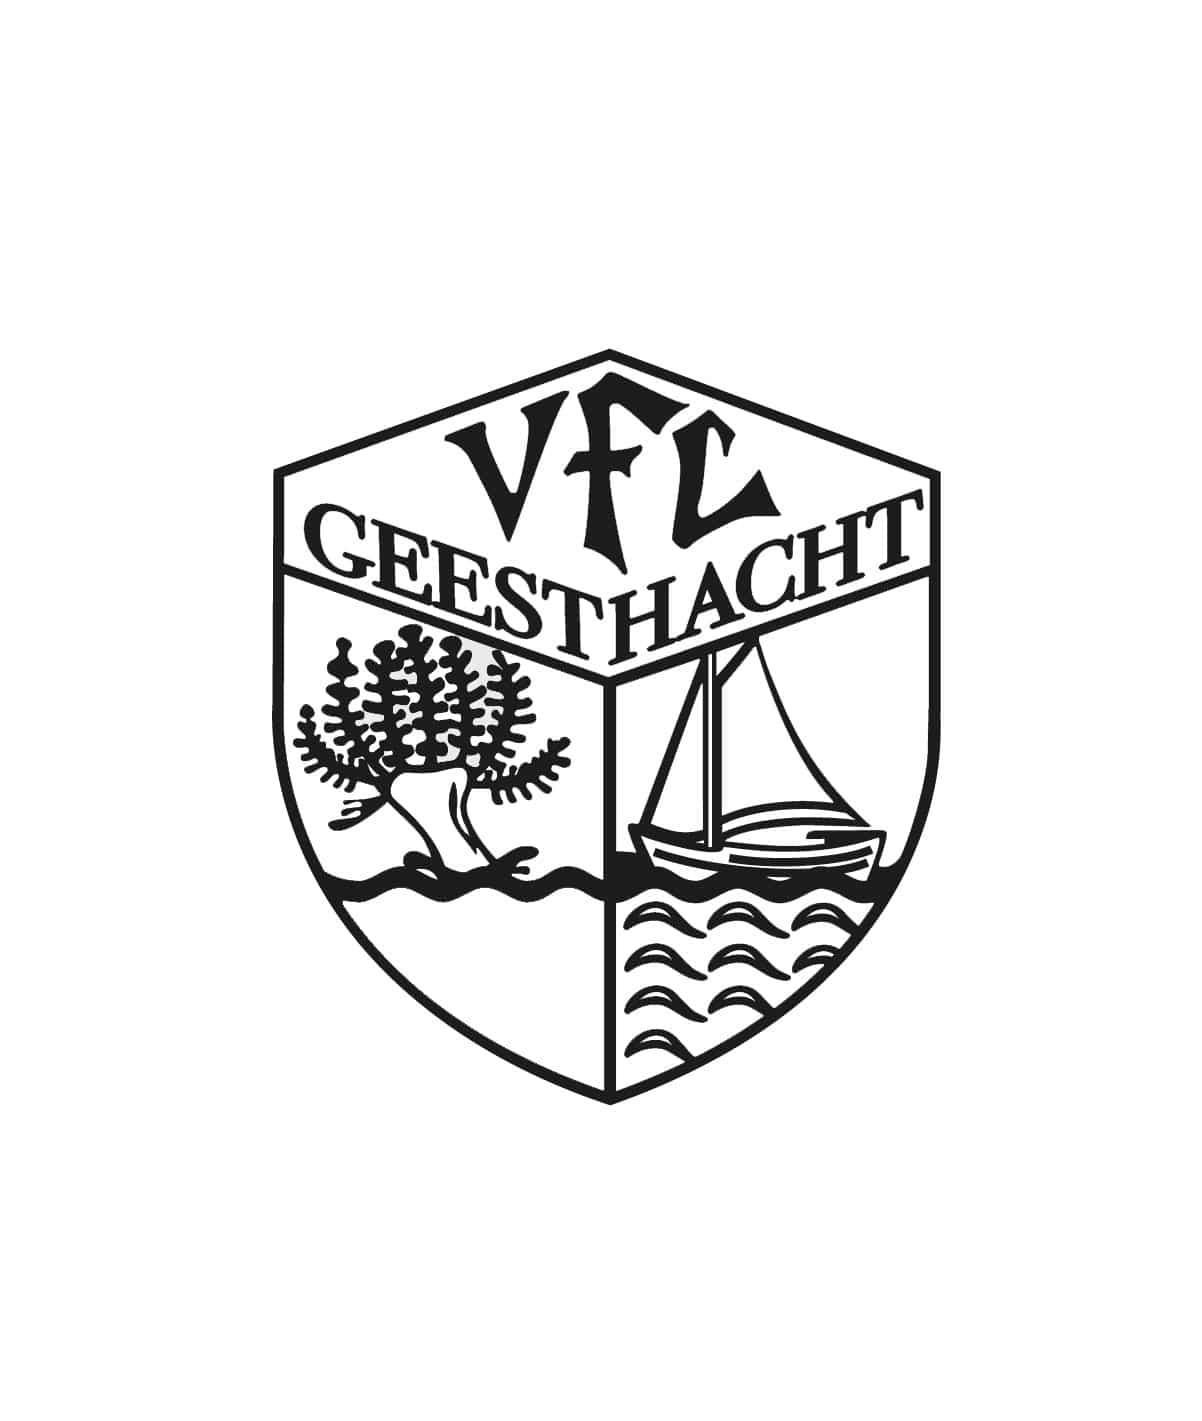 https://vfl-geesthacht.net/wp-content/uploads/2020/07/VfL-Geesthacht_Wappen_sw.jpg